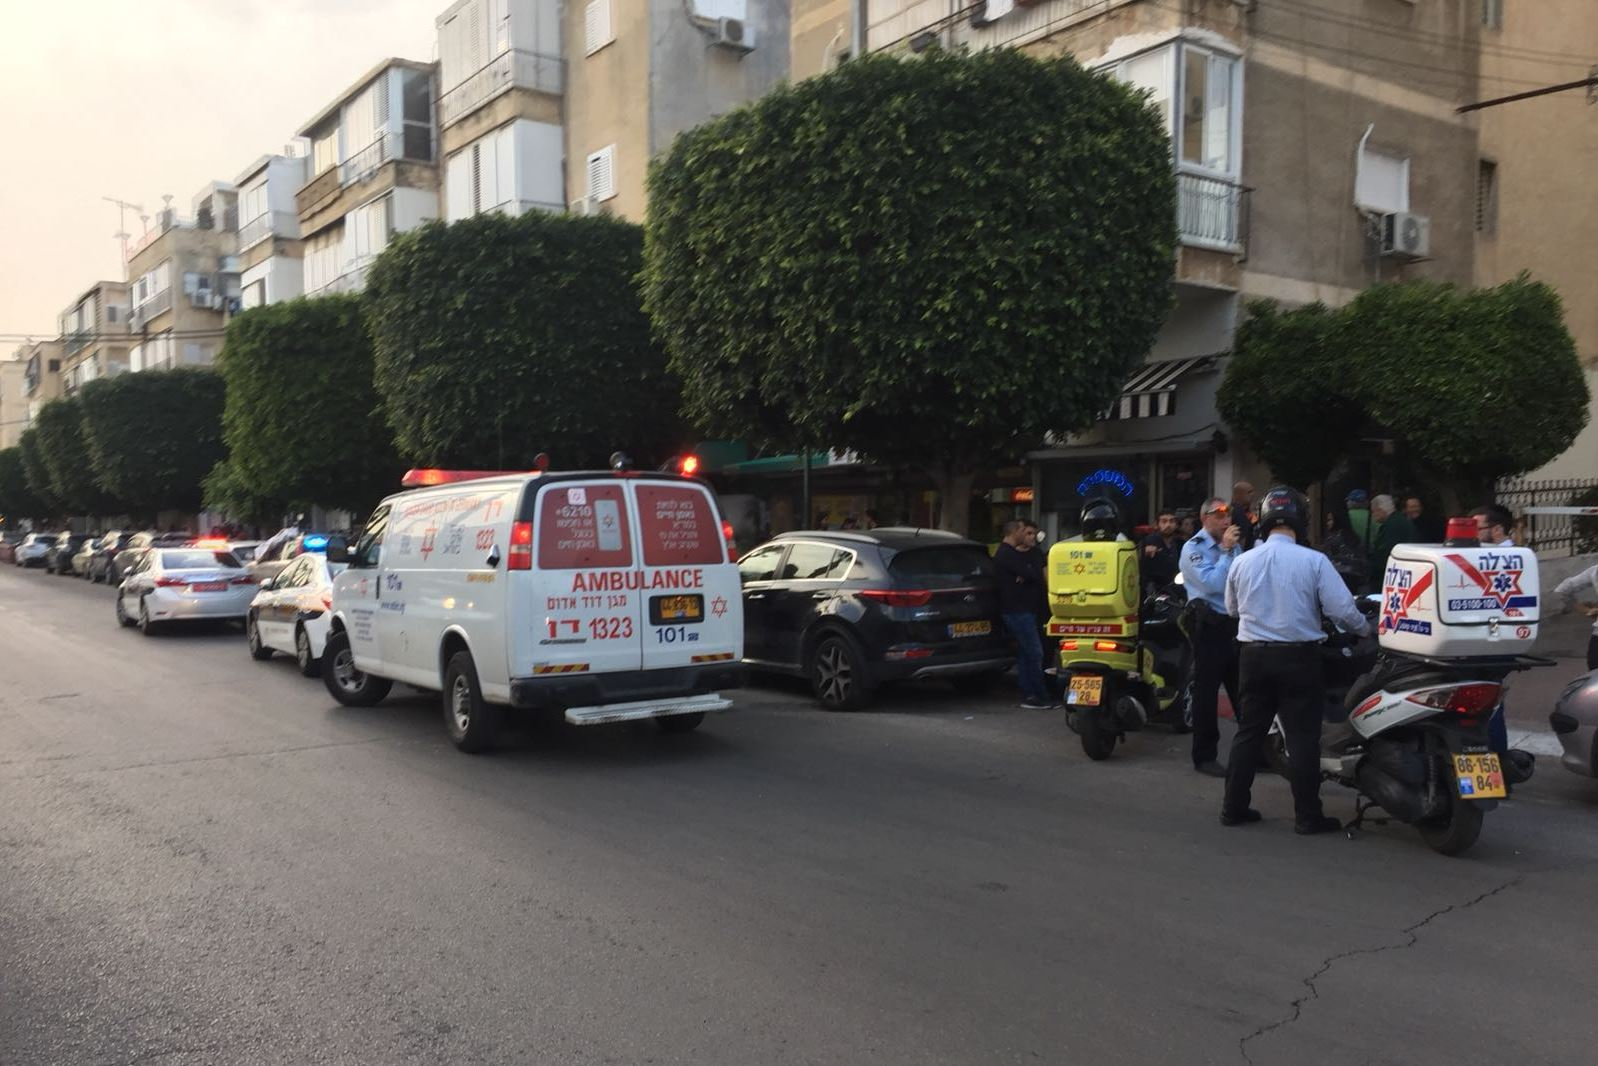 בן 17 נדקר ברחוב גורדון בגבעתיים – מצבו בינוני